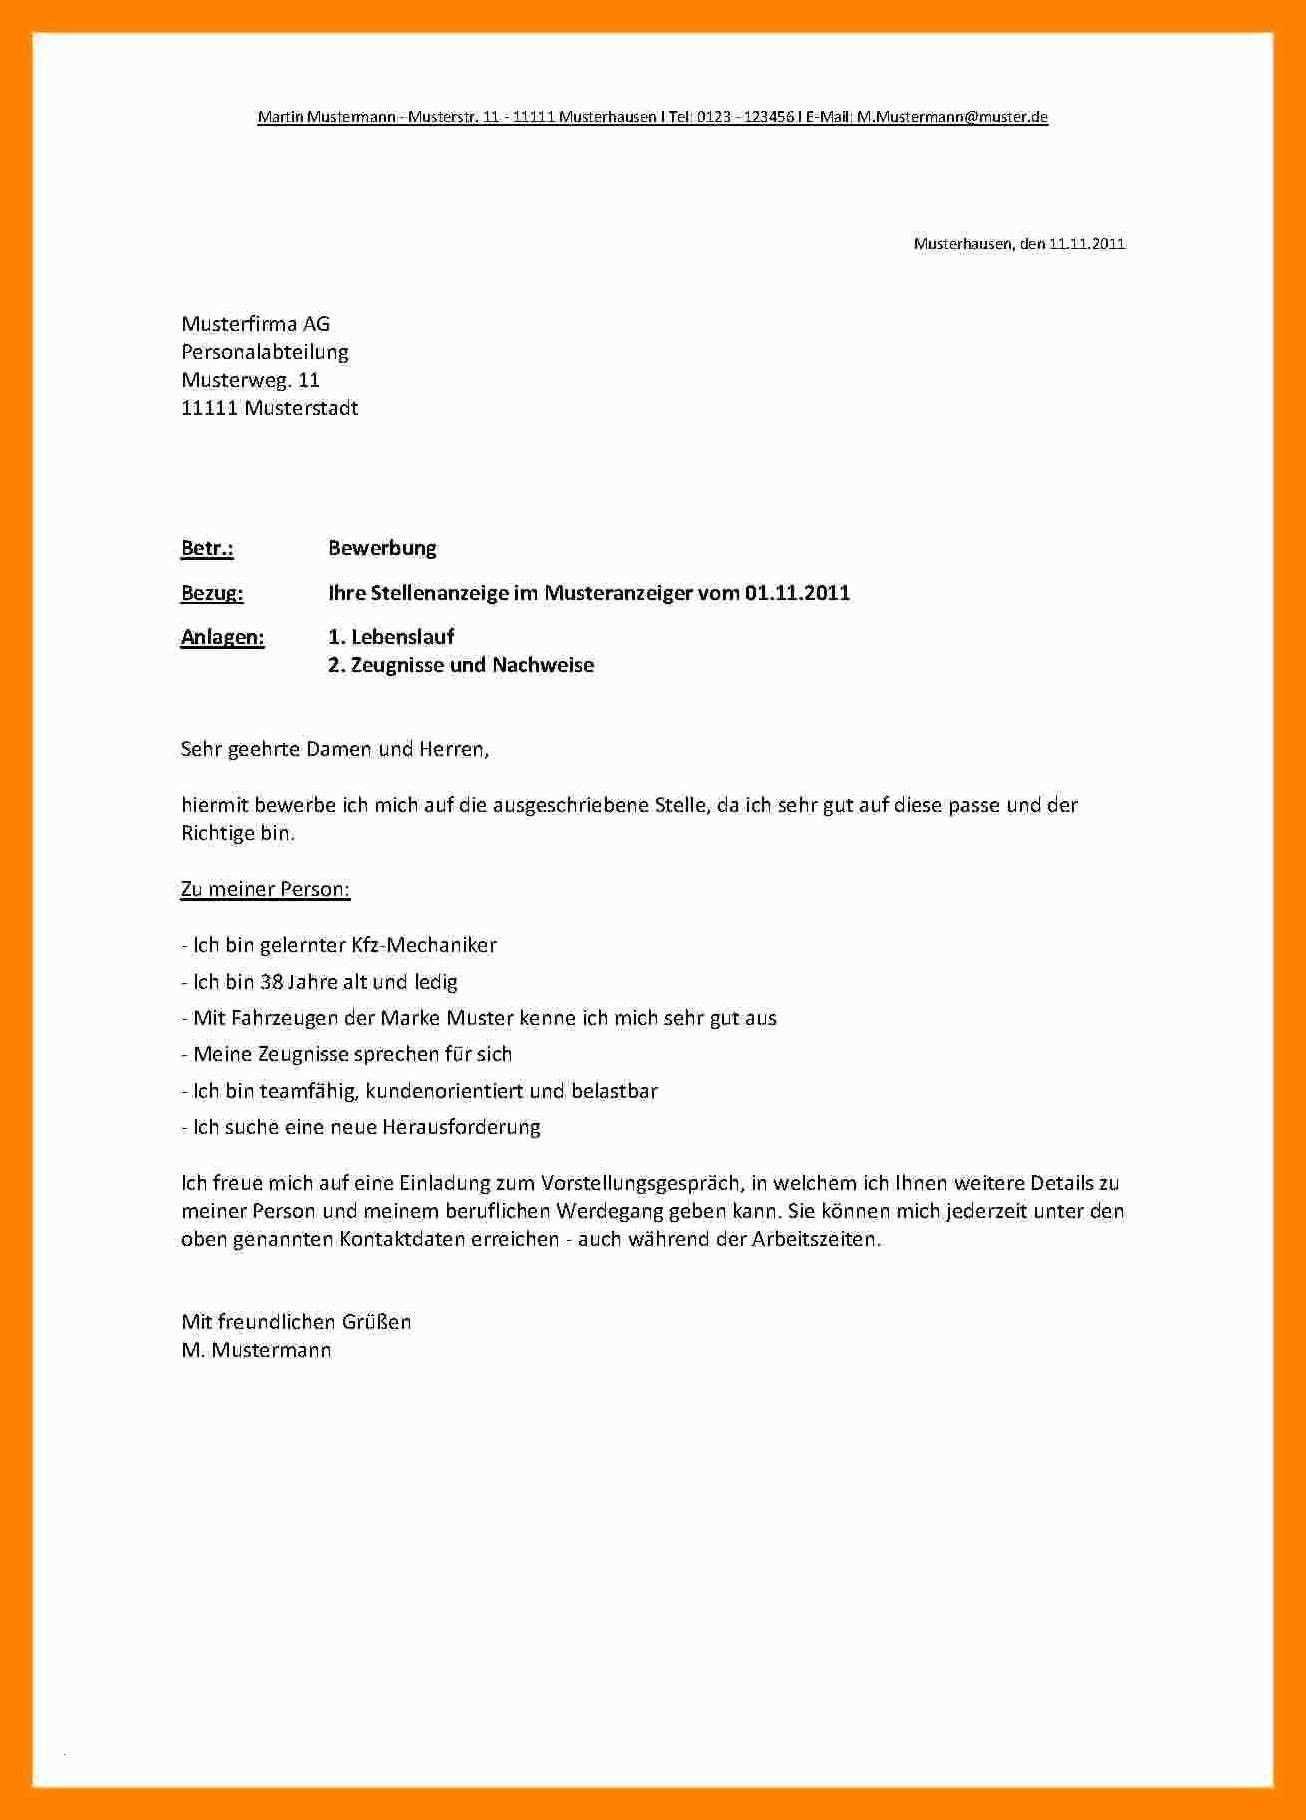 Einzigartig Bewerbung Als Hausmeister Quereinsteiger Briefprobe Briefformat Briefvorlage Lebenslauf Bewerbung Schreiben Bewerbungsschreiben